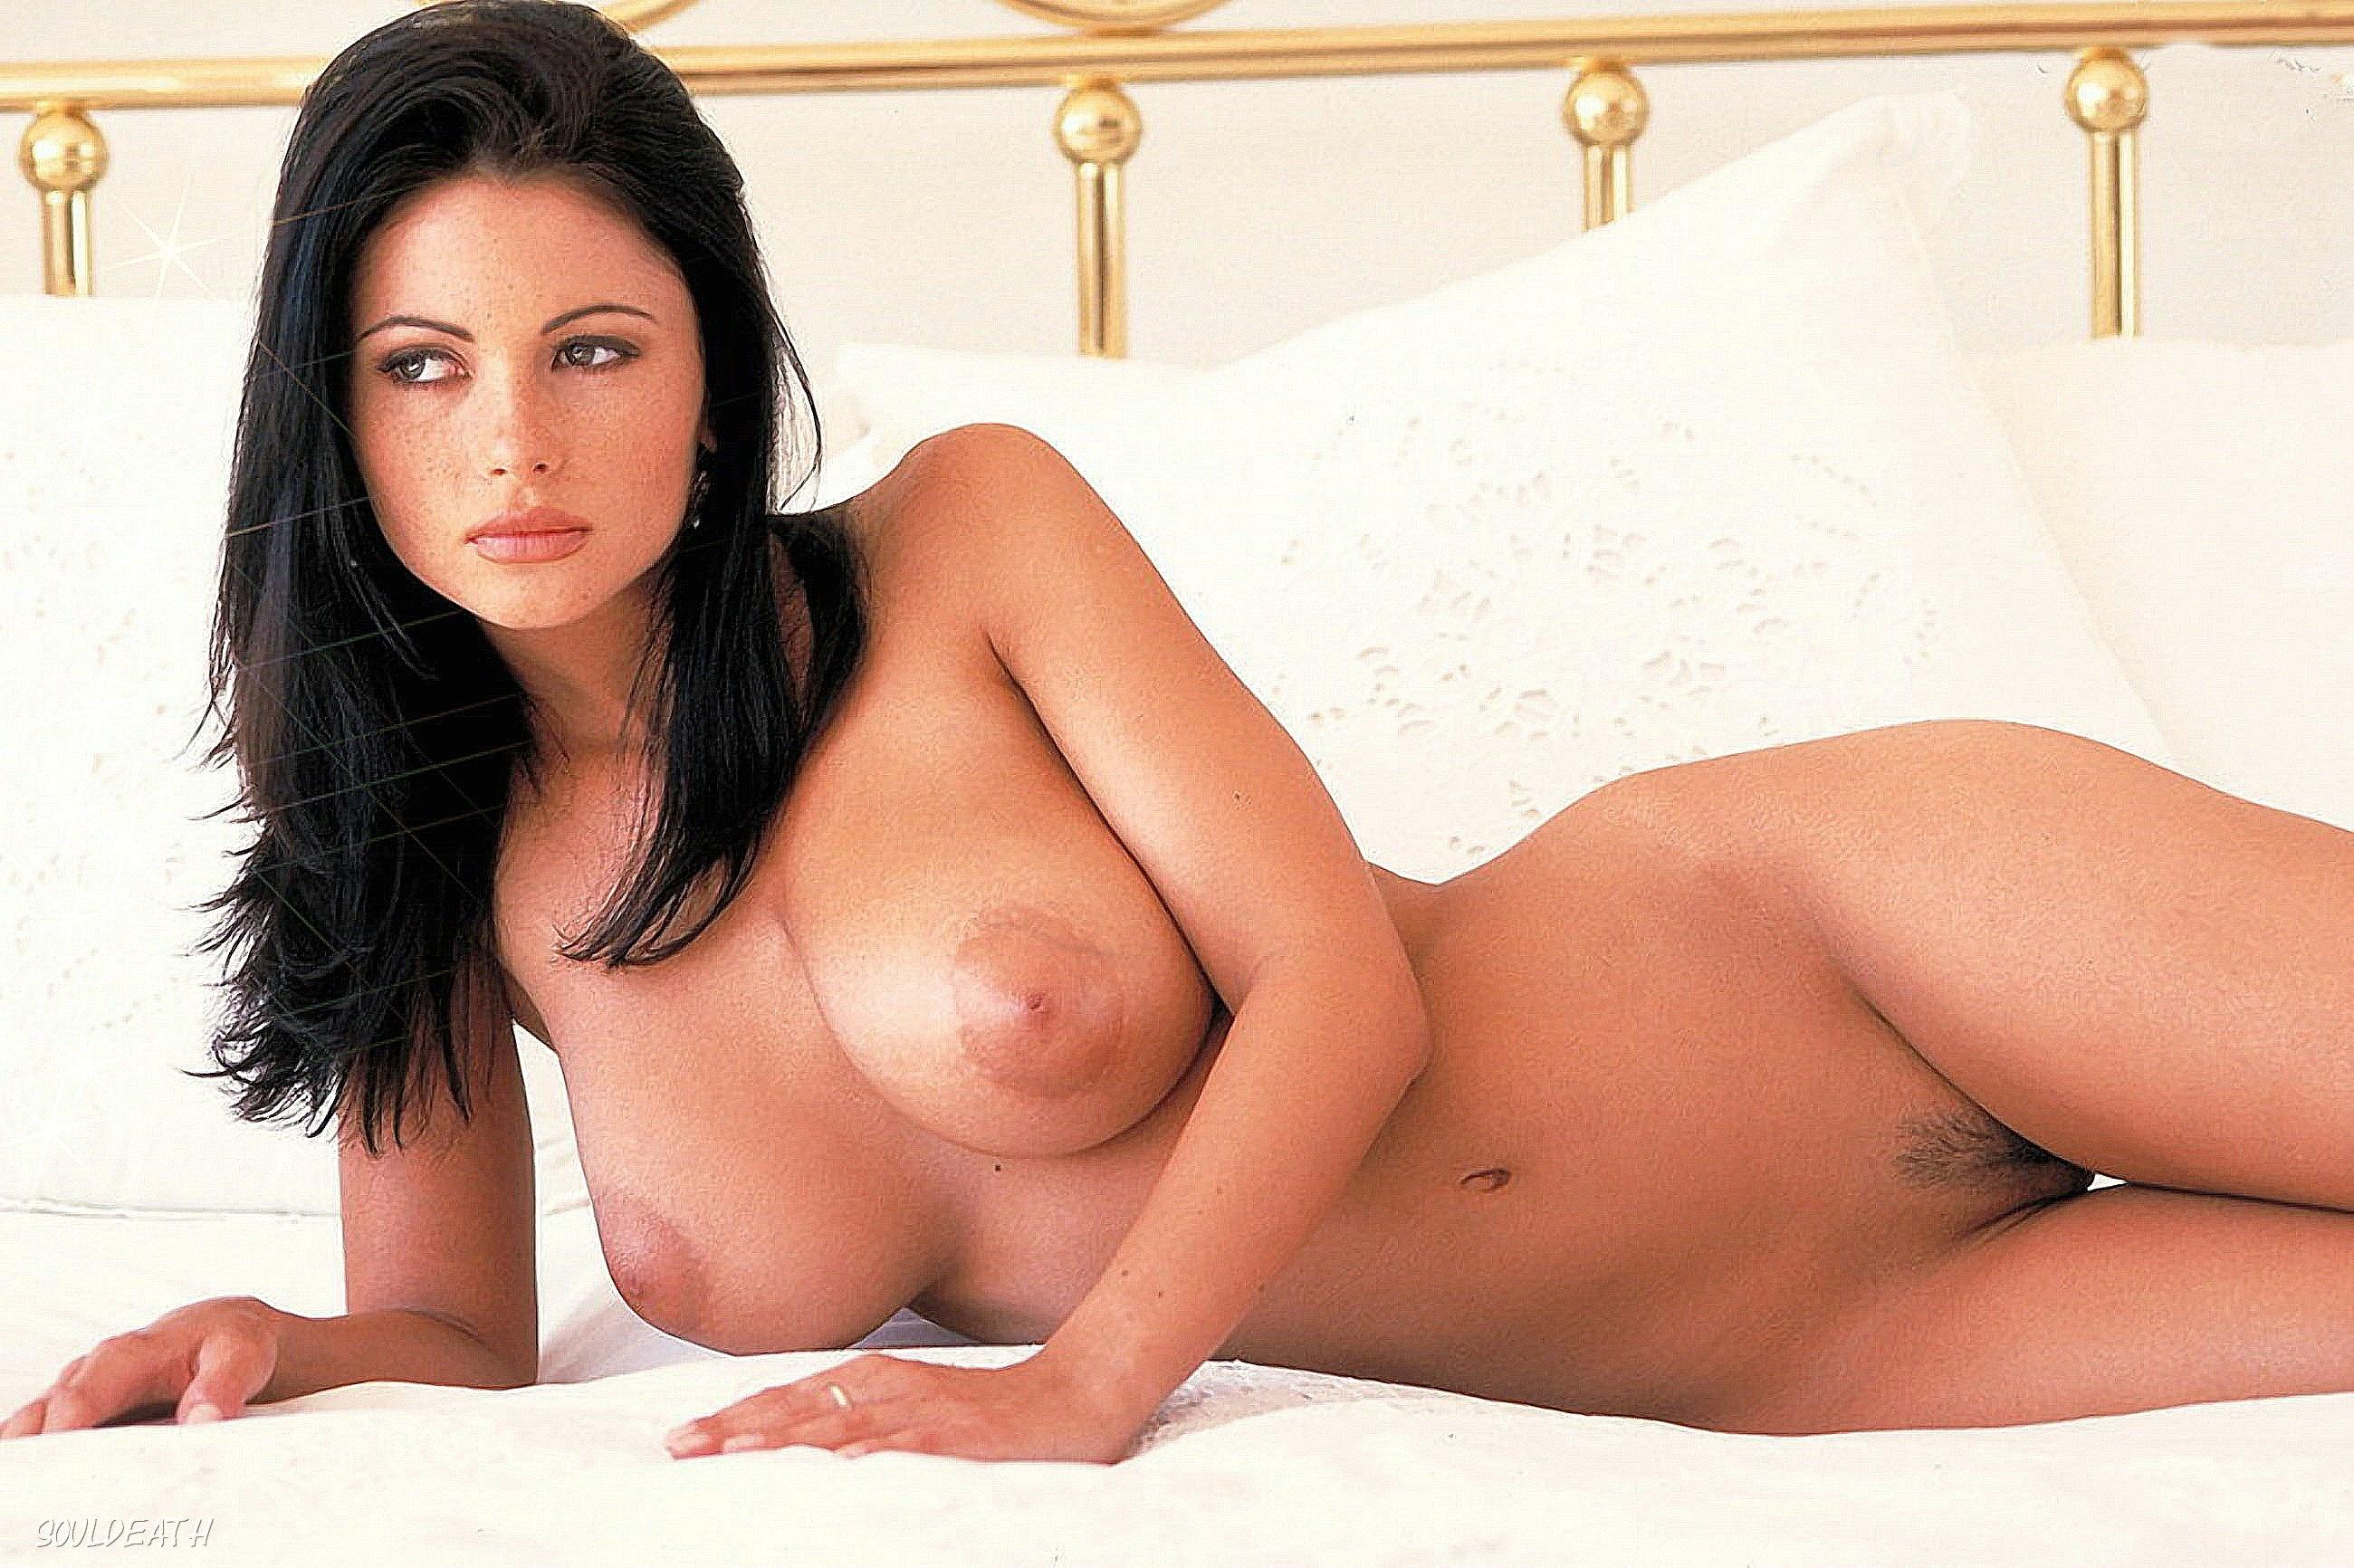 Чешская порно модель с большой грудью 19 фотография